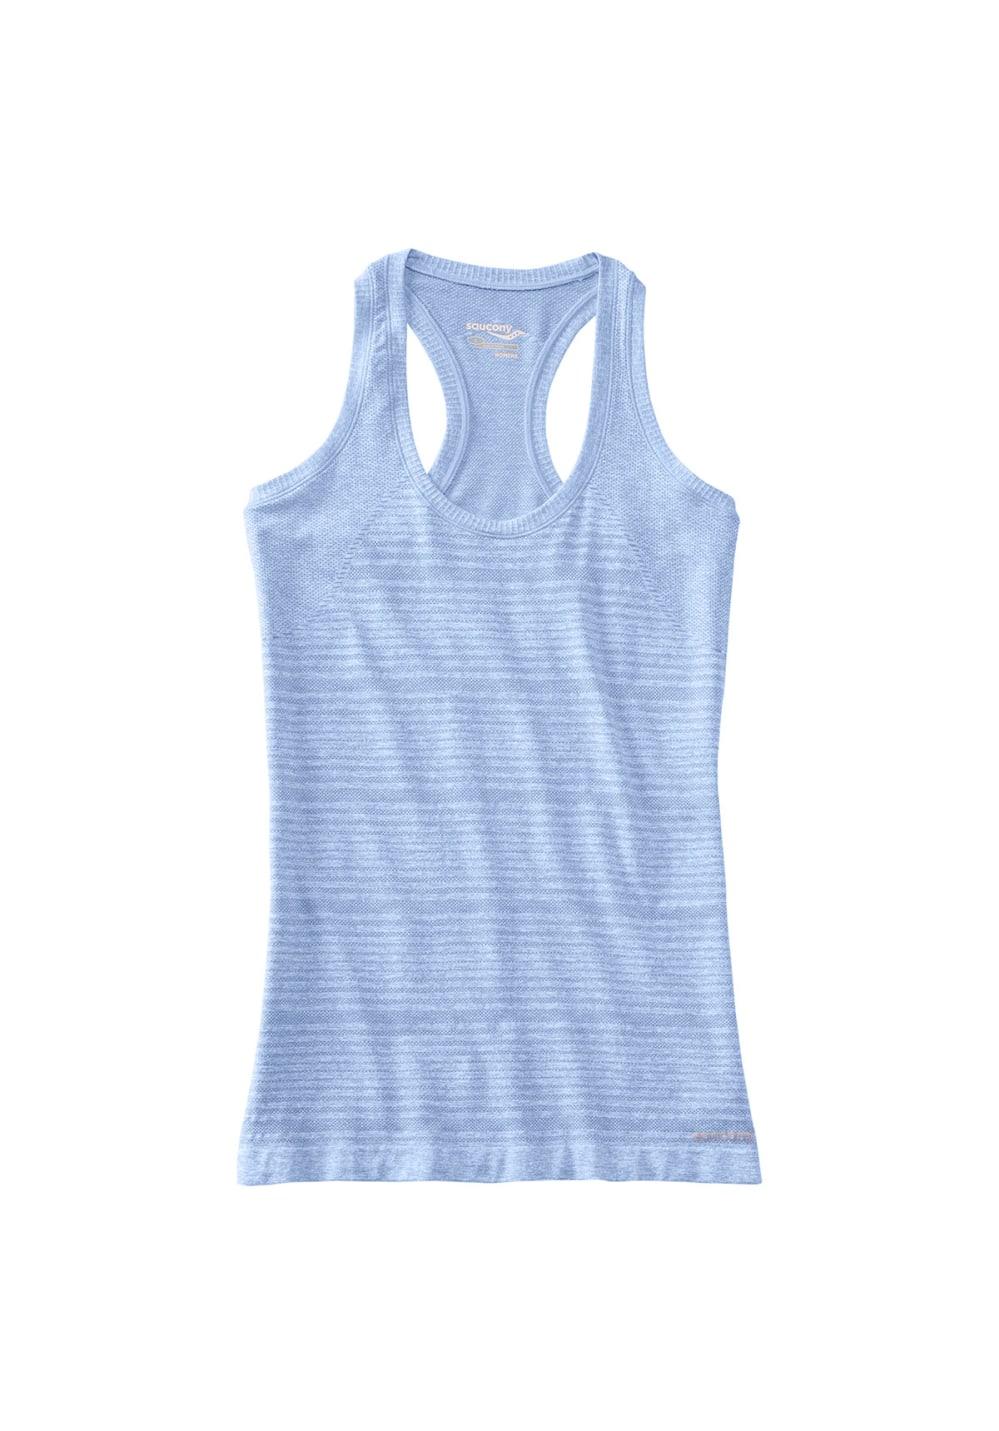 Saucony Dash Seamless Tank - Laufshirts für Damen - Blau, Gr. L